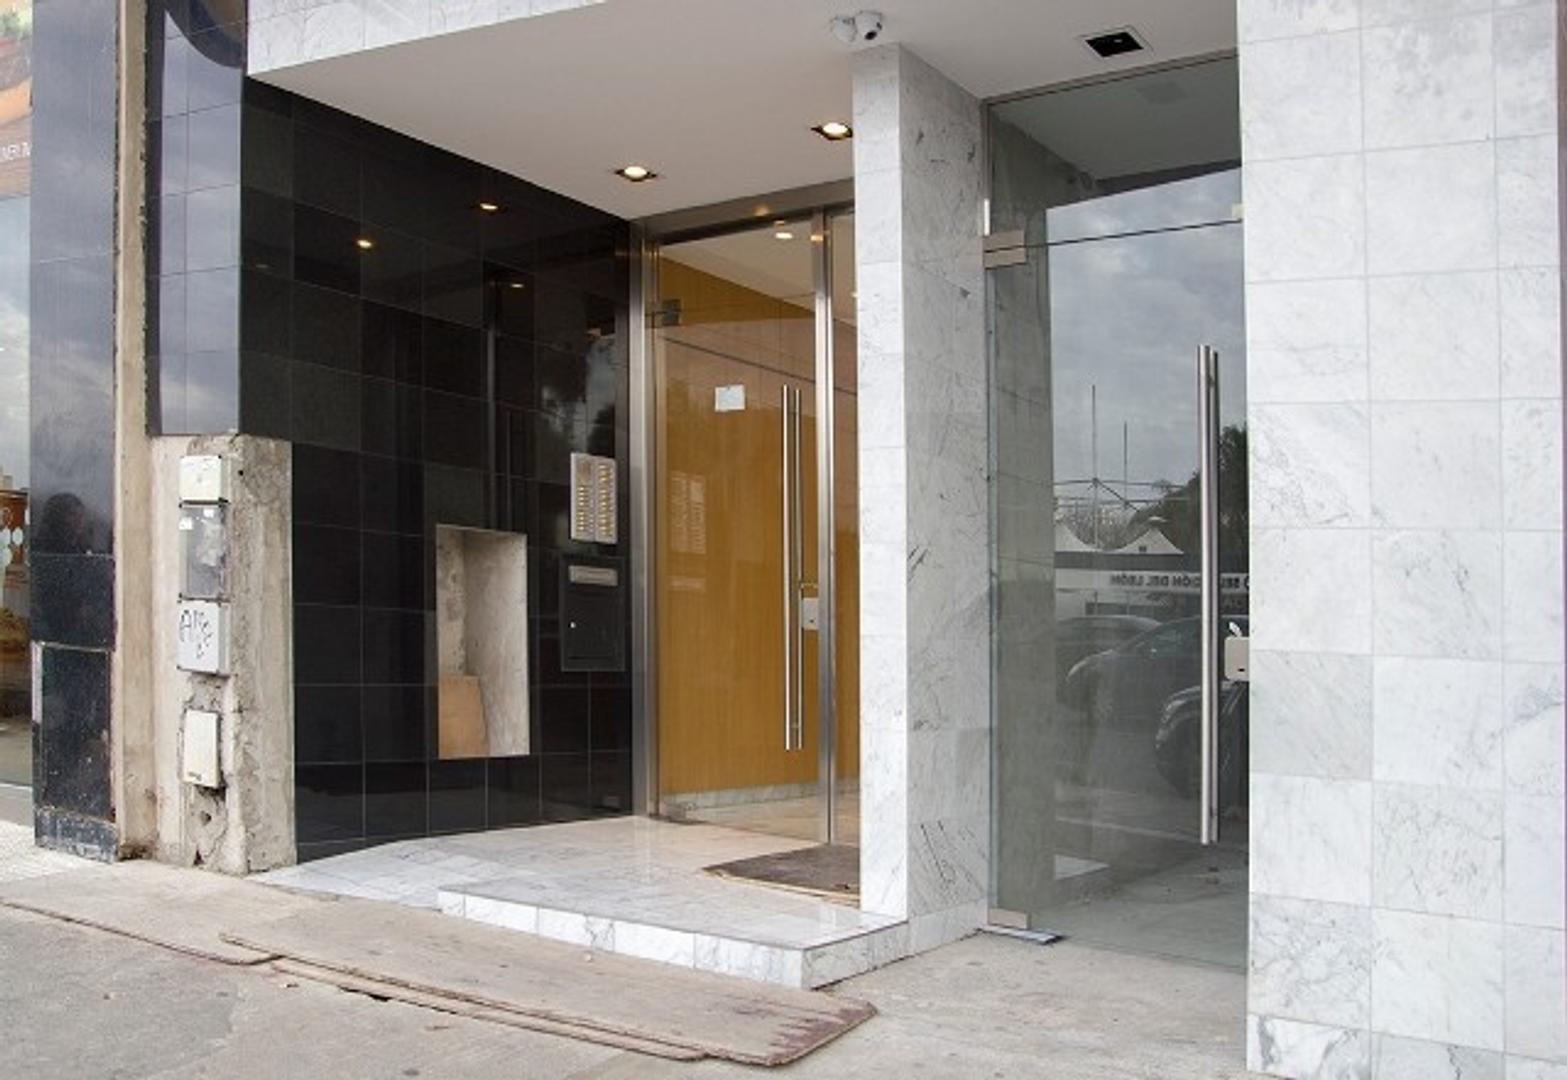 (COI-COI-747) Departamento - Venta - Argentina, Capital Federal - AV. LIBERTADOR 6836